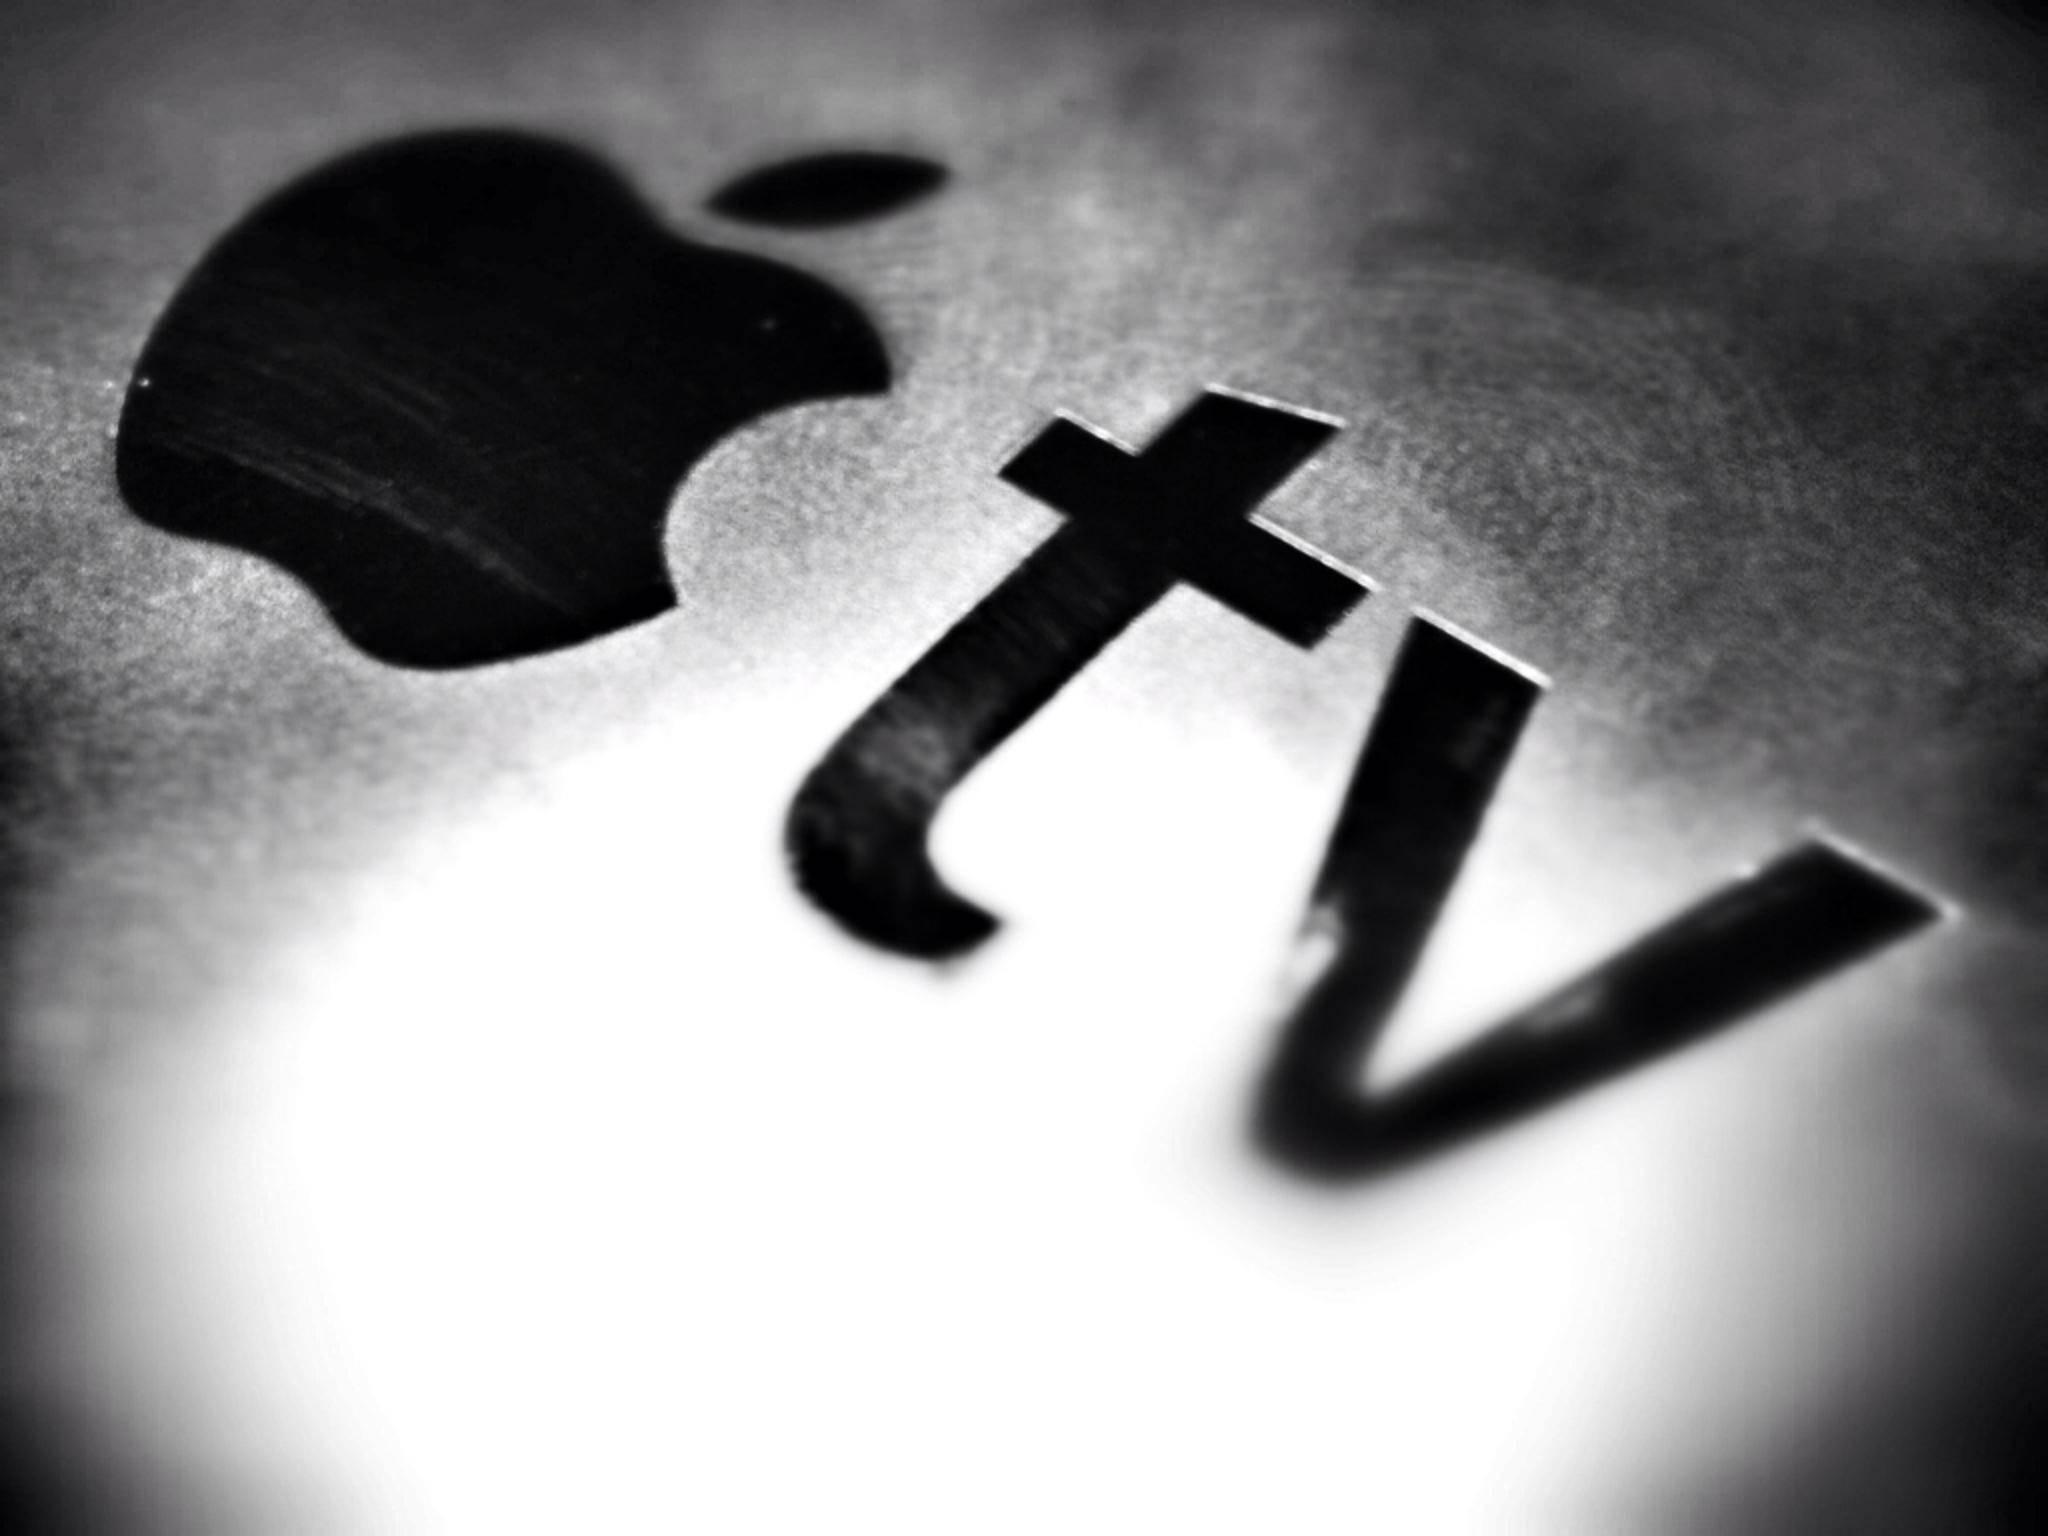 Wir erläutern sechs praktische Anwendungsmöglichkeiten für den Apple TV.